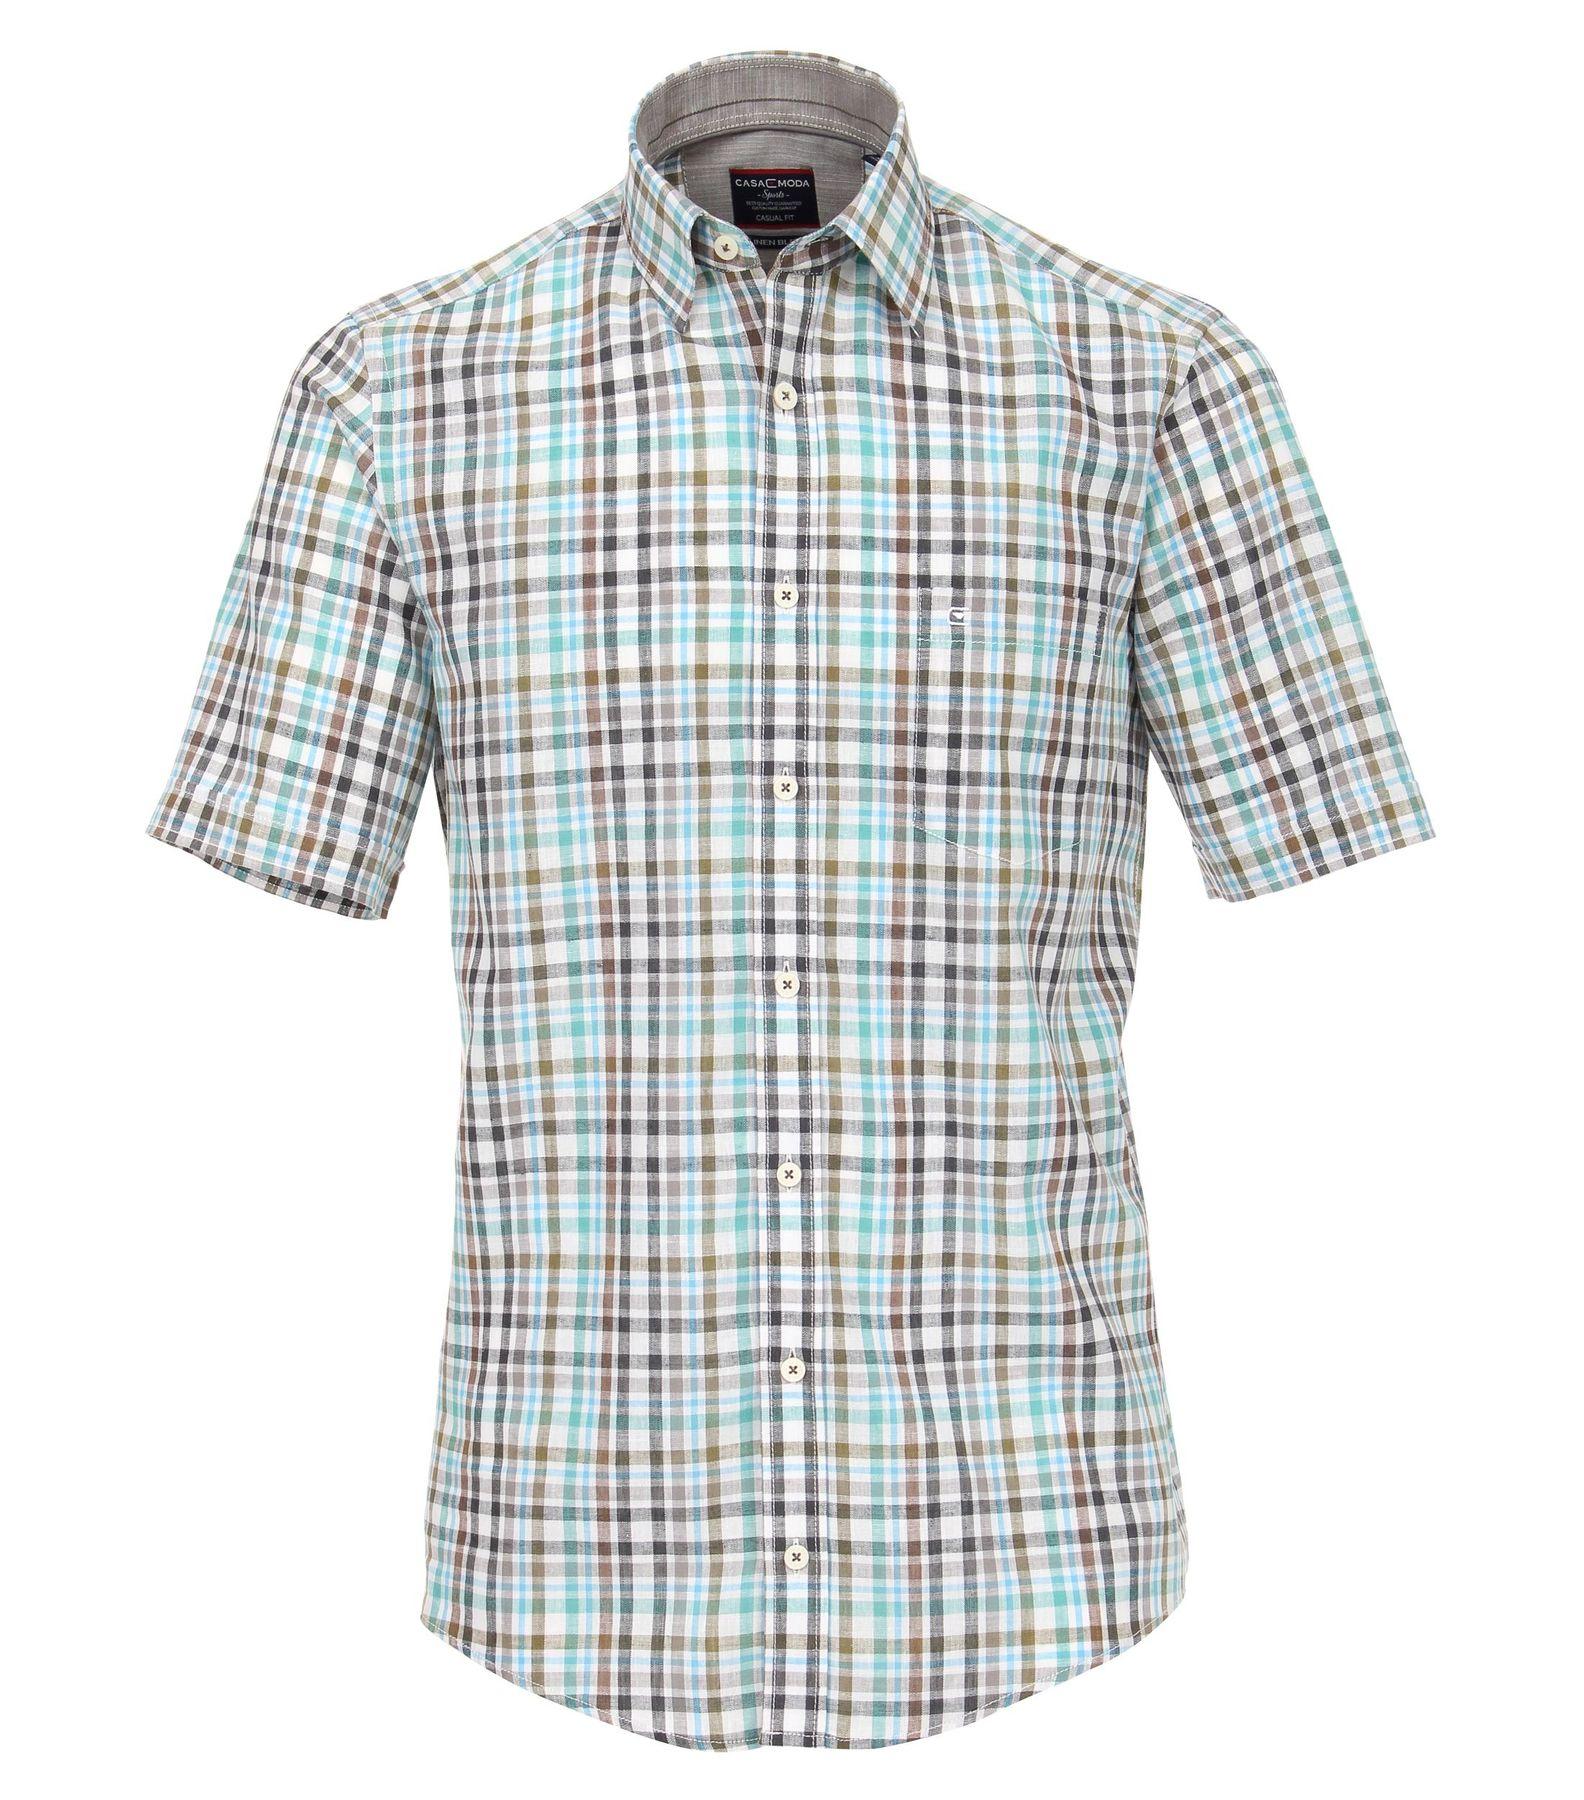 Casa Moda - Casual Fit - Leinenmischung Herren Hemd Halbarm kariert mit Kent-Kragen in grün oder rot (982908200) – Bild 1